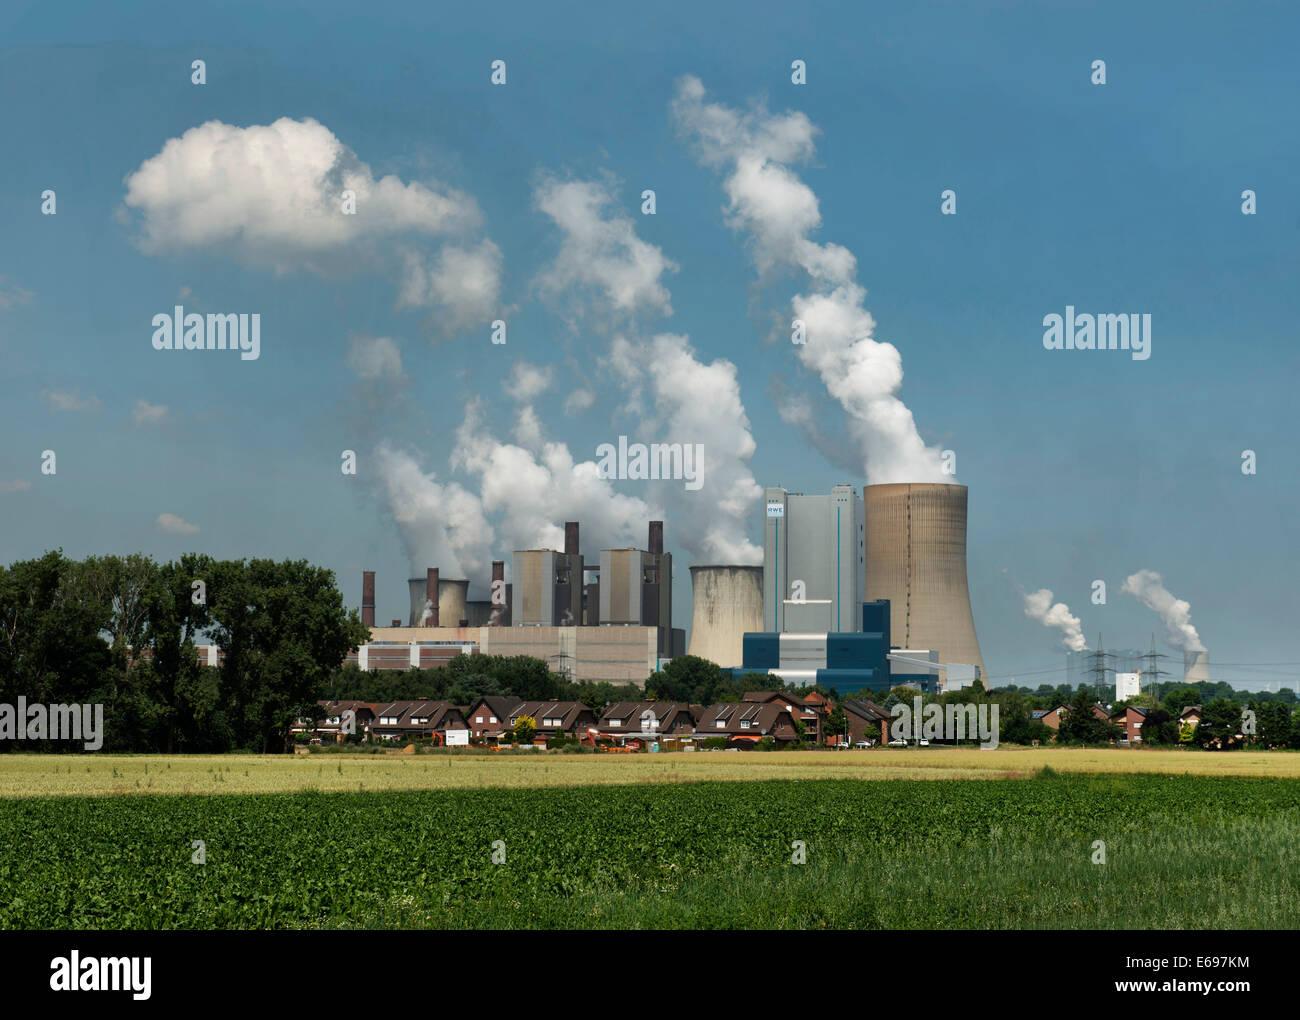 Éco-compatible, immeubles d'habitation et les terres arables à l'avant, Bergheim-NiederauSSem, Photo Stock